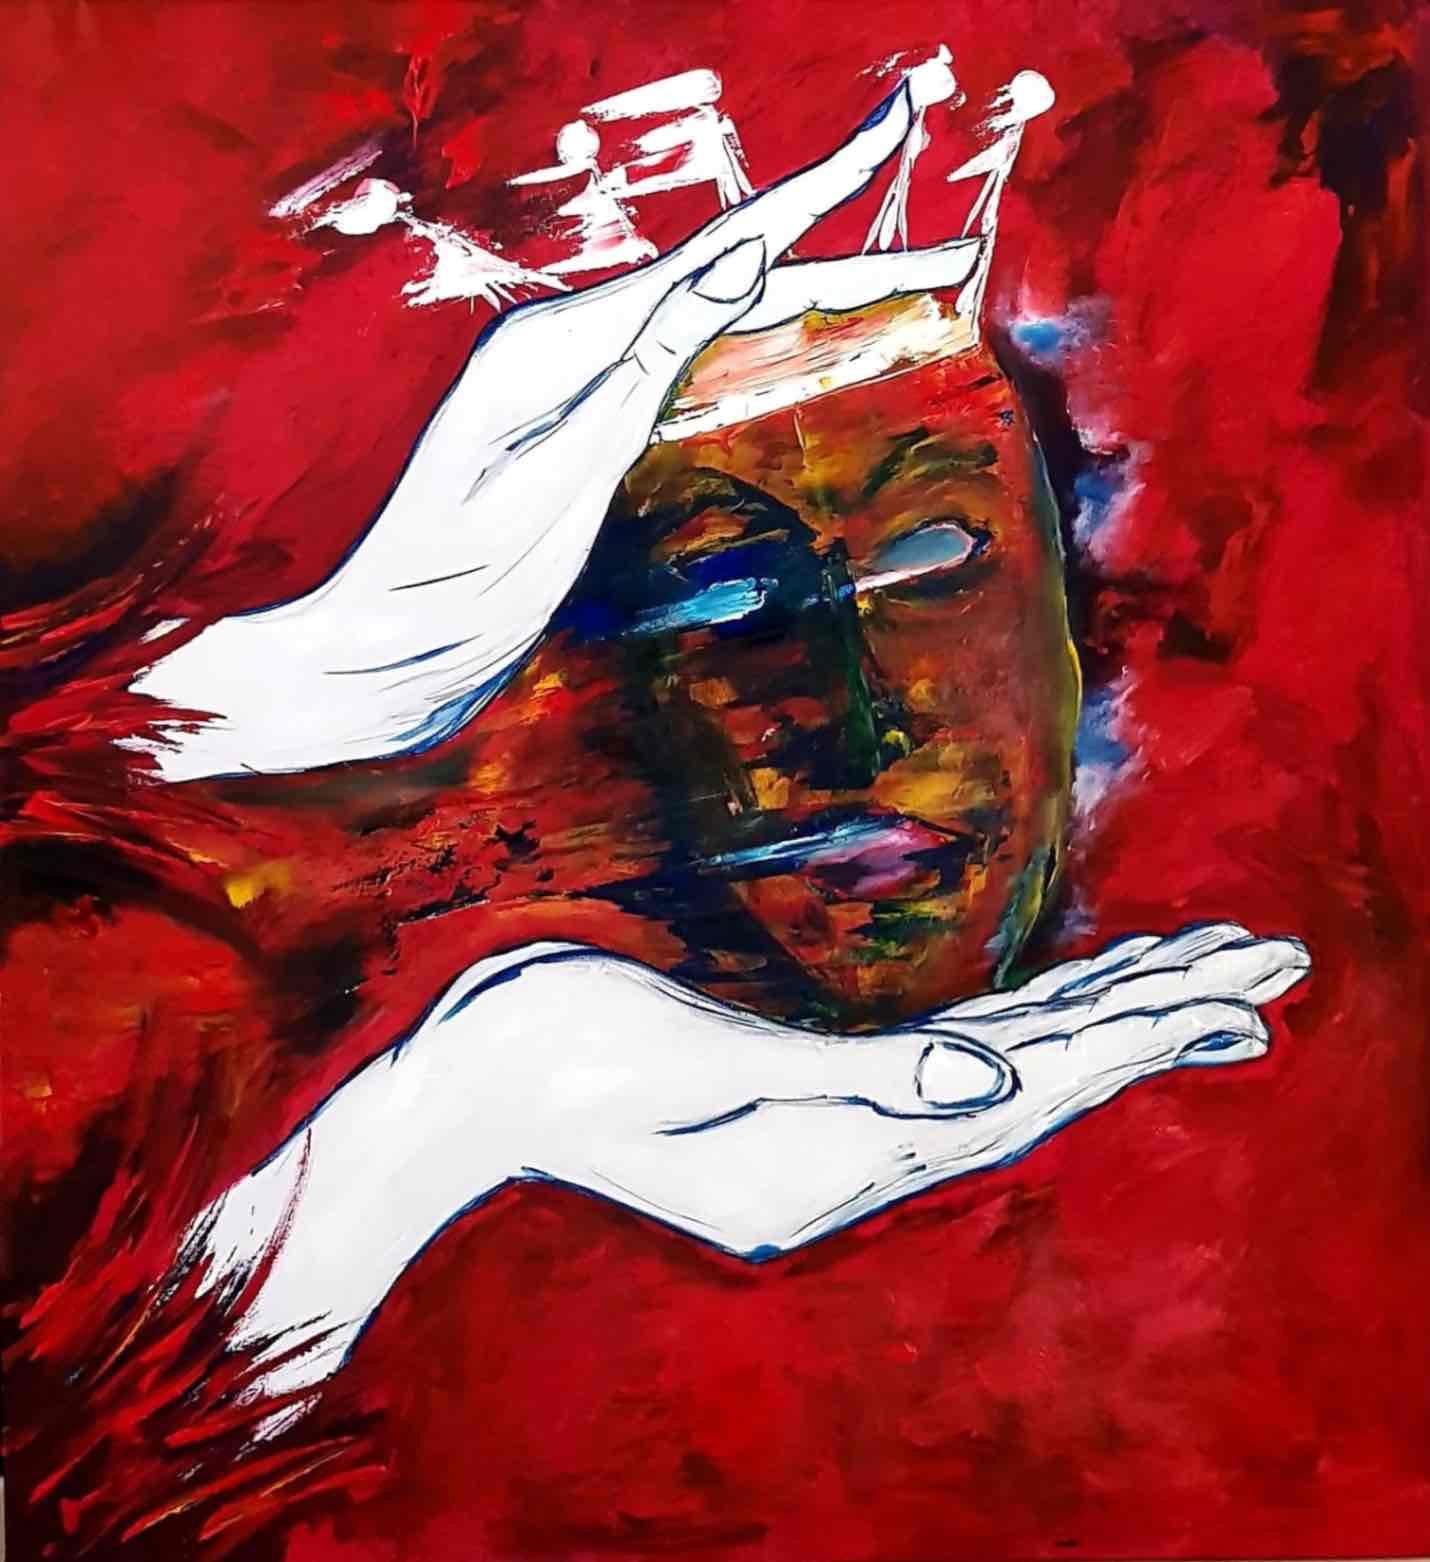 Obra: No mas reyes falsos